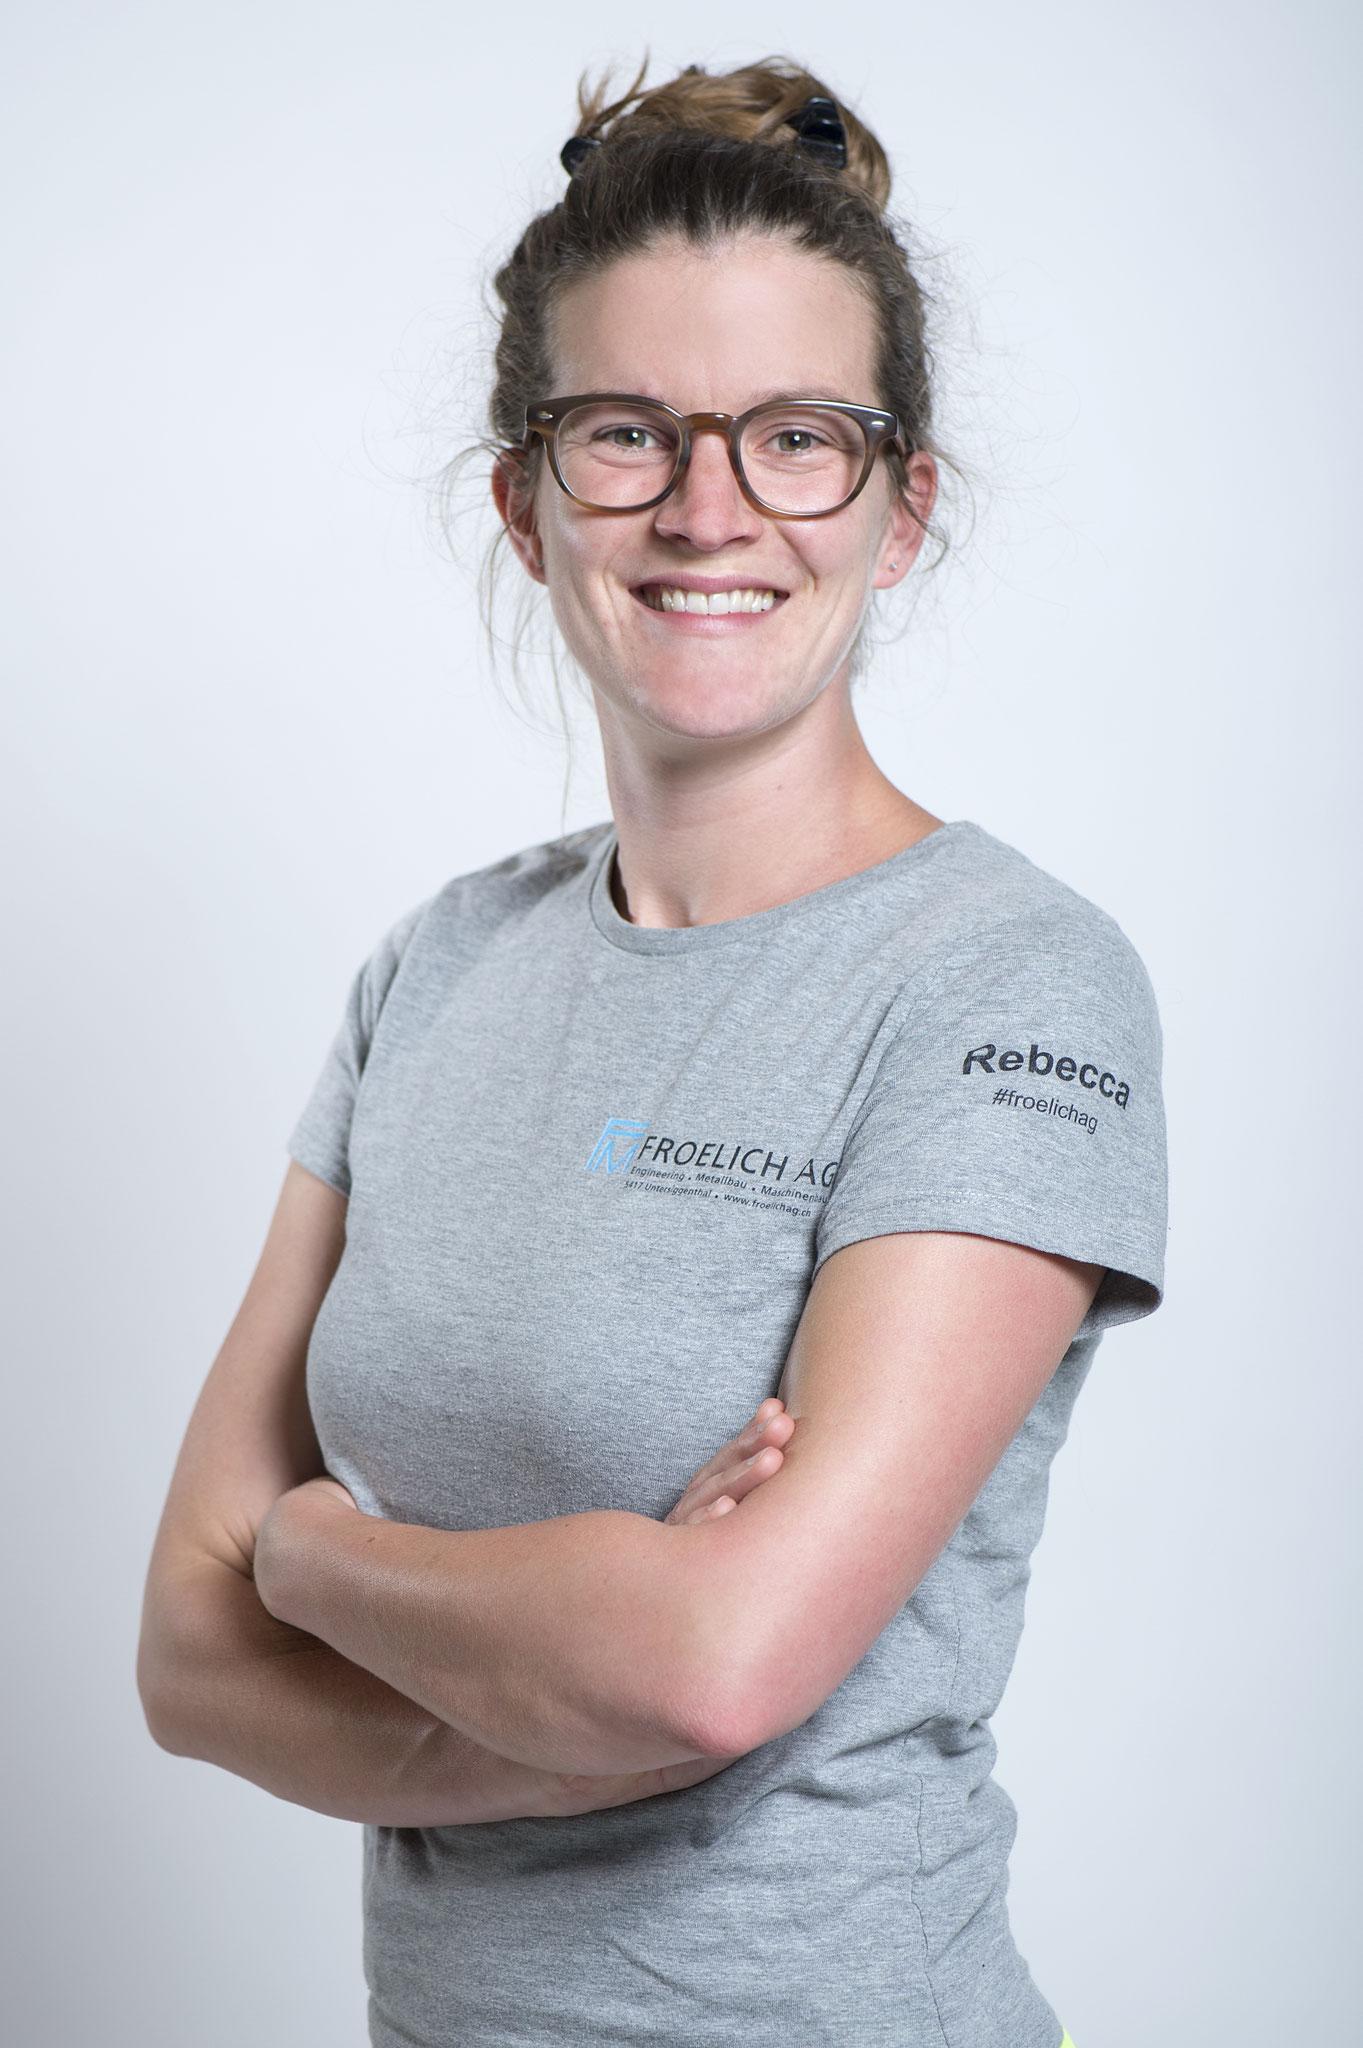 Rebecca Froelich